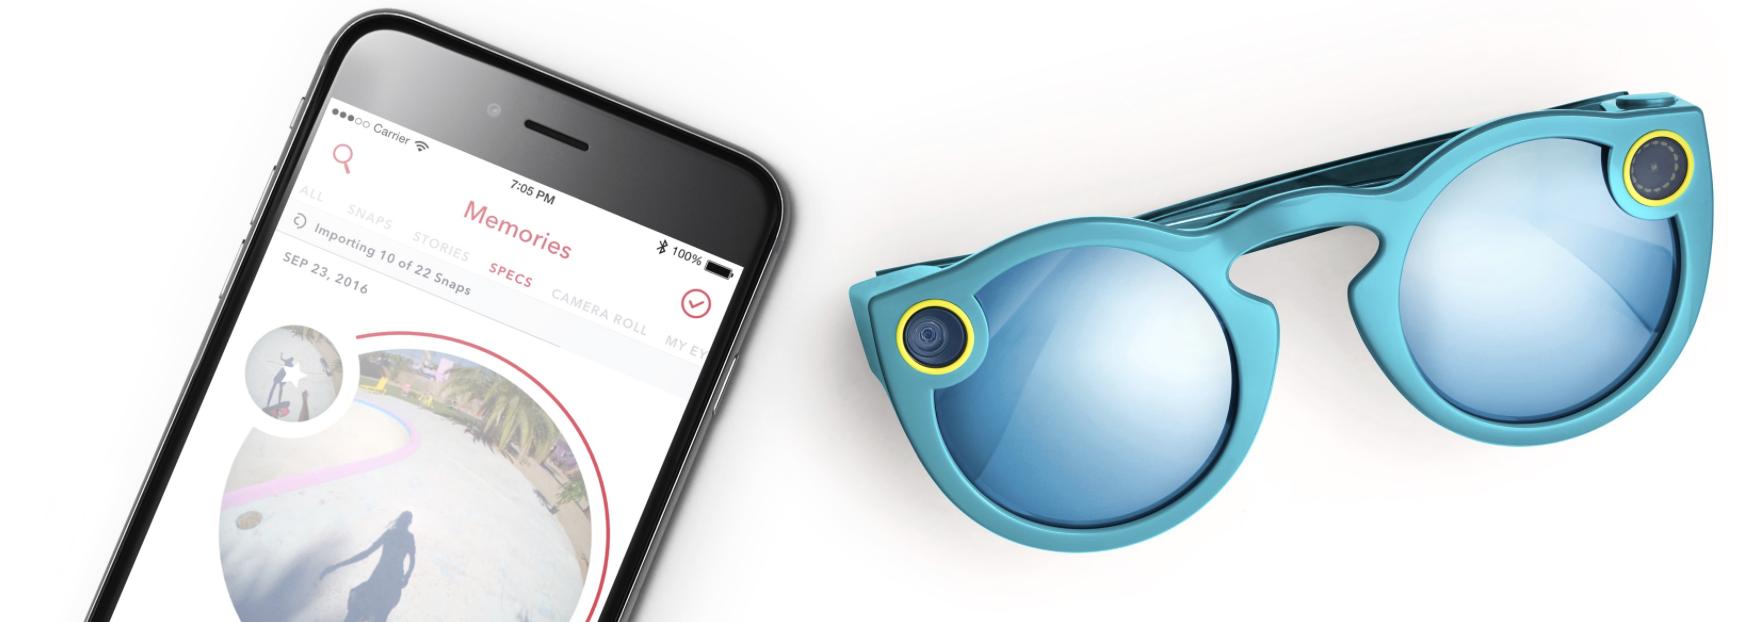 Snapchat wypuścił swój pierwszy sprzęt. Nie, to nie jest smartfon